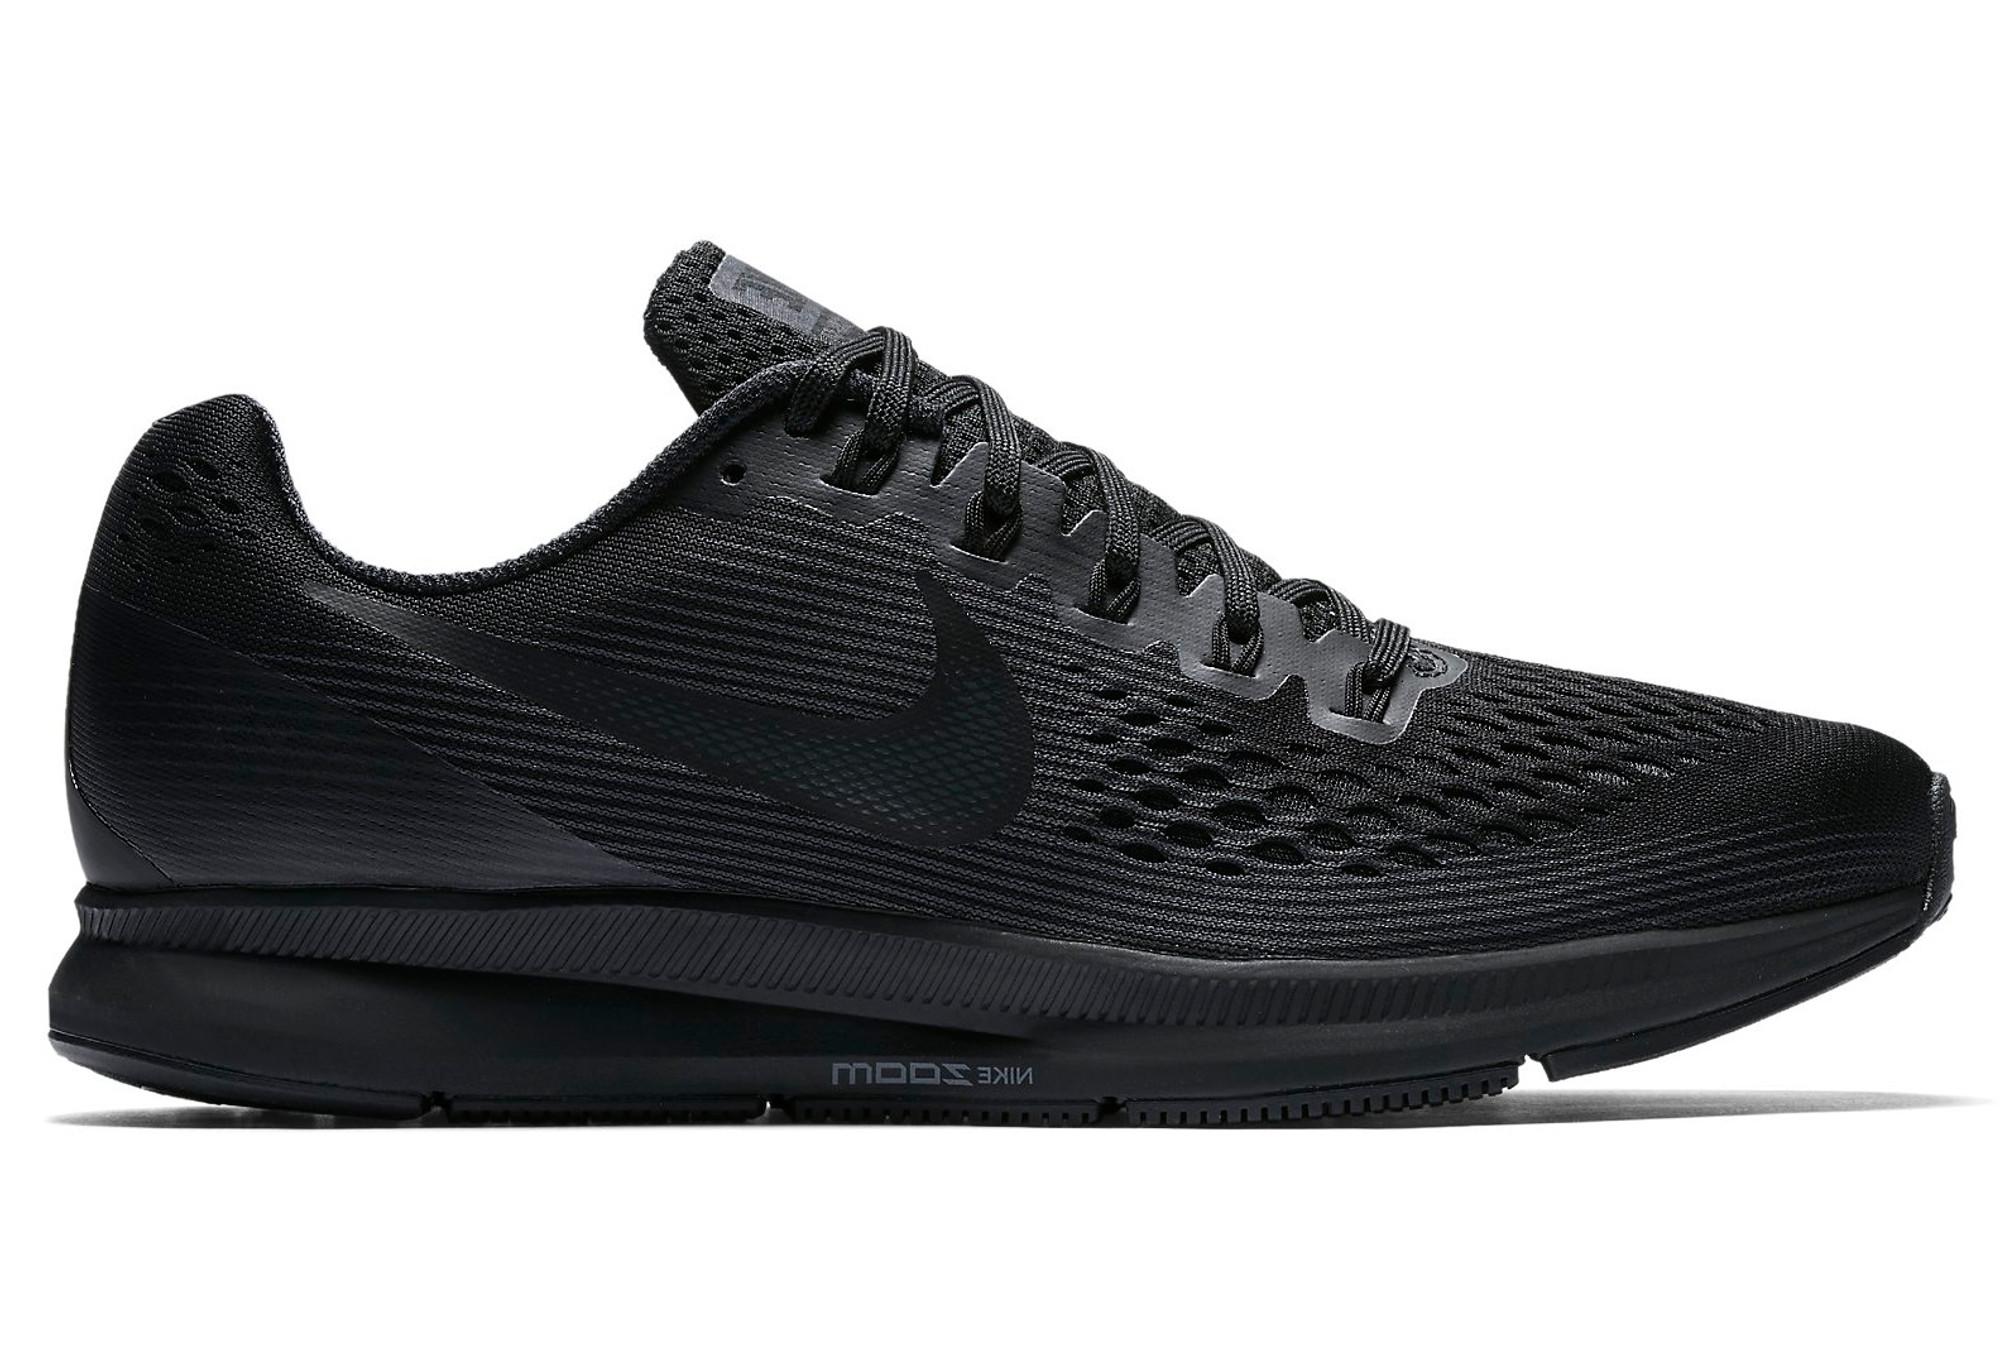 separation shoes 1db74 8a0bc Nike Air Zoom Pegasus 34 Black